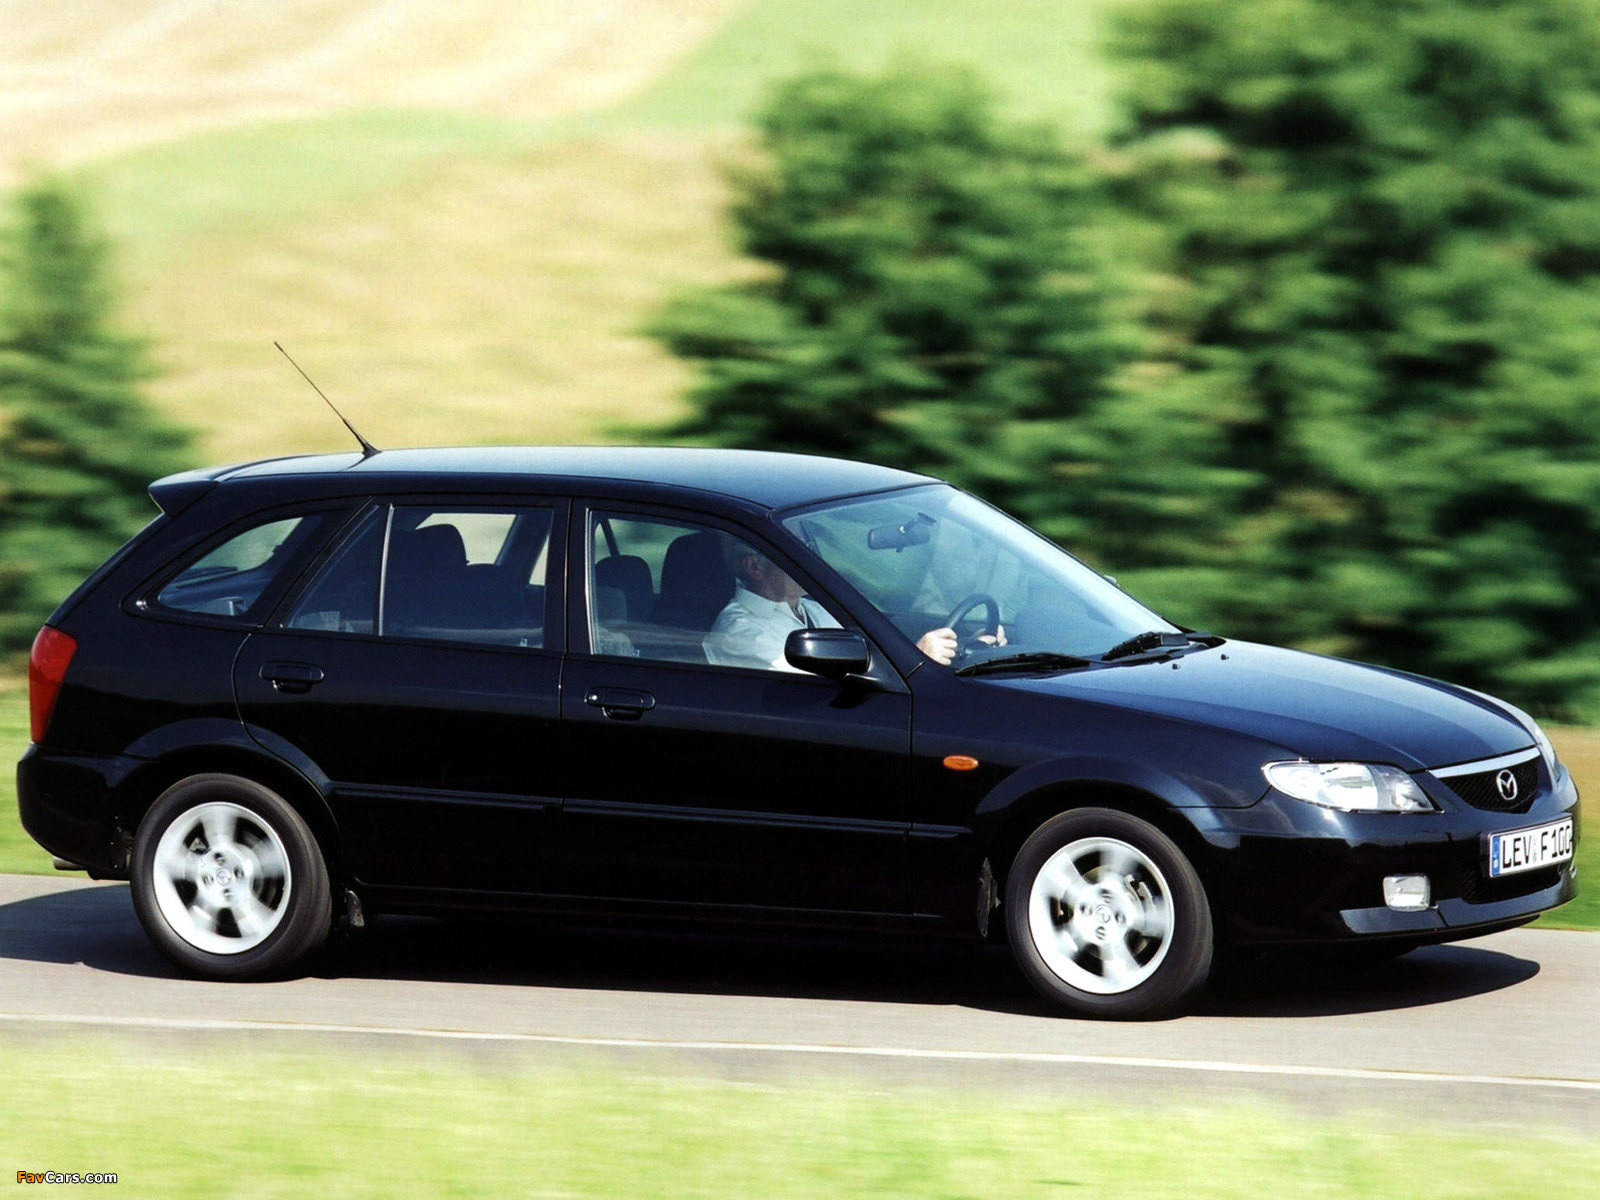 https://img.favcars.com/mazda/323/pictures_mazda_323_2000_1.jpg